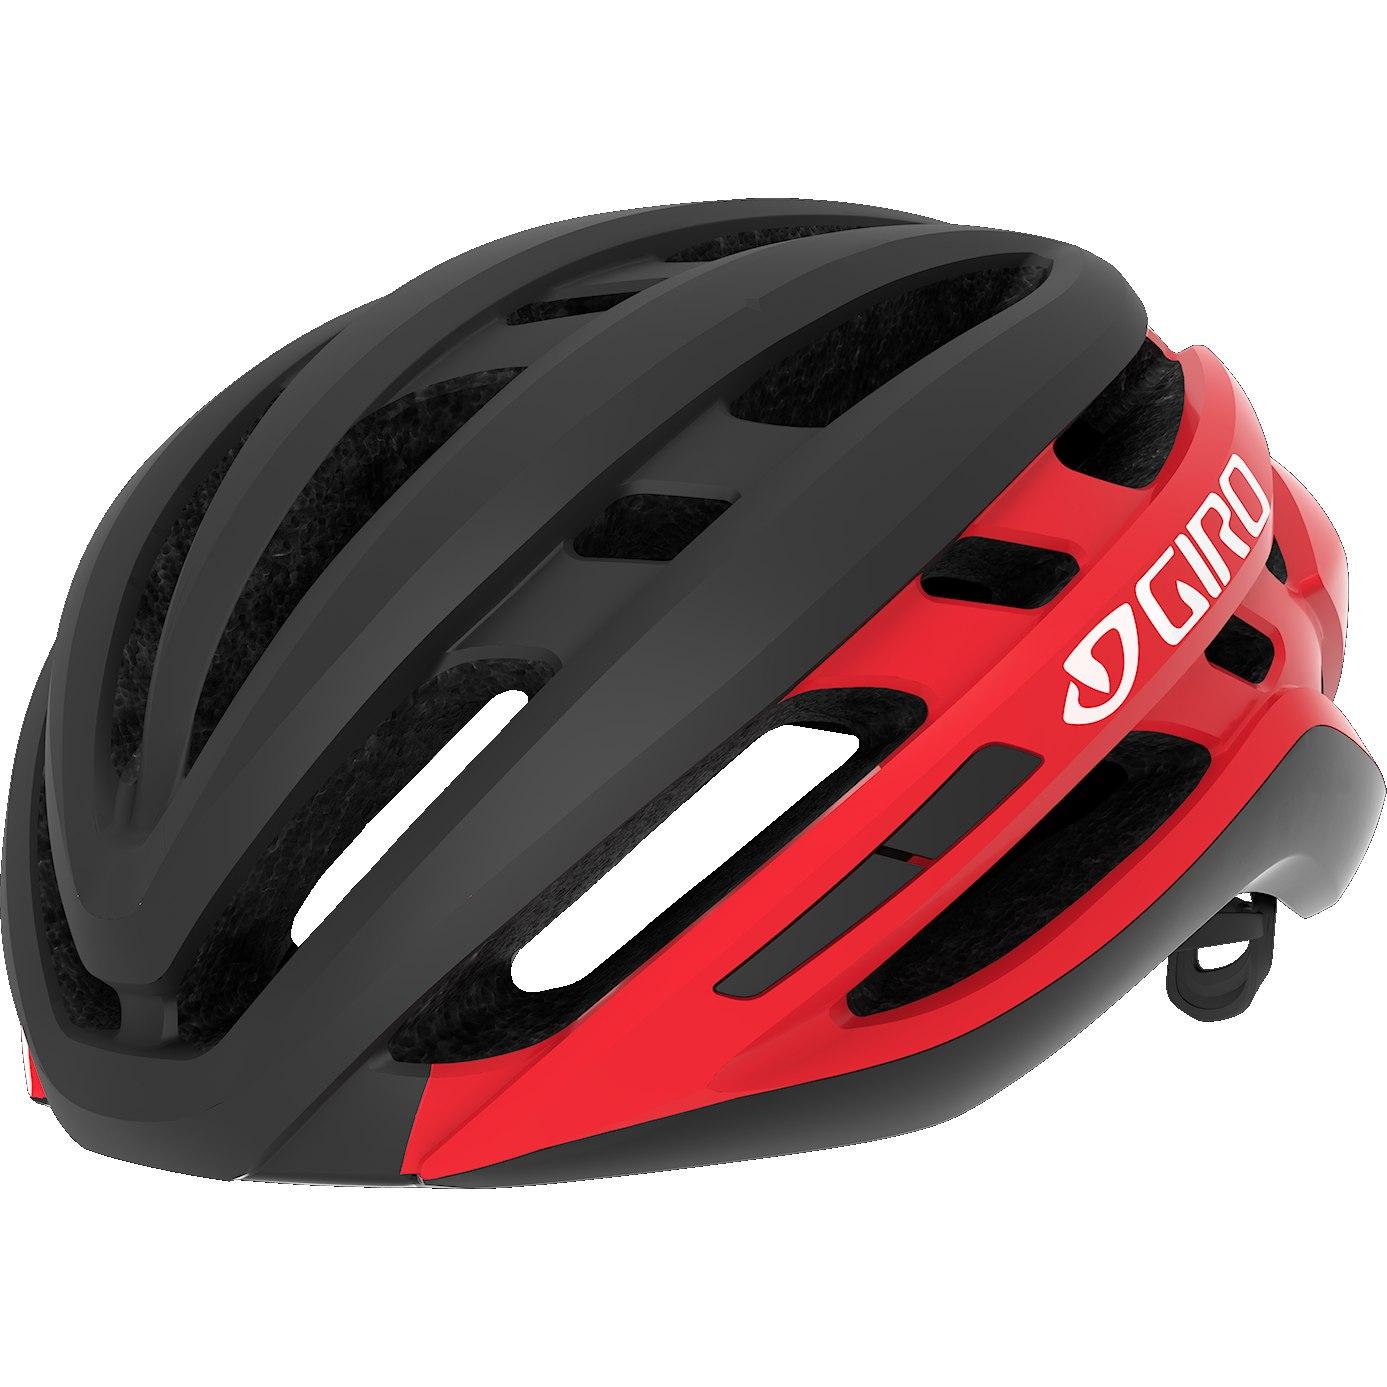 Capacete Ciclismo Giro Agilis Preto e Vemelho Tam. M 55-59